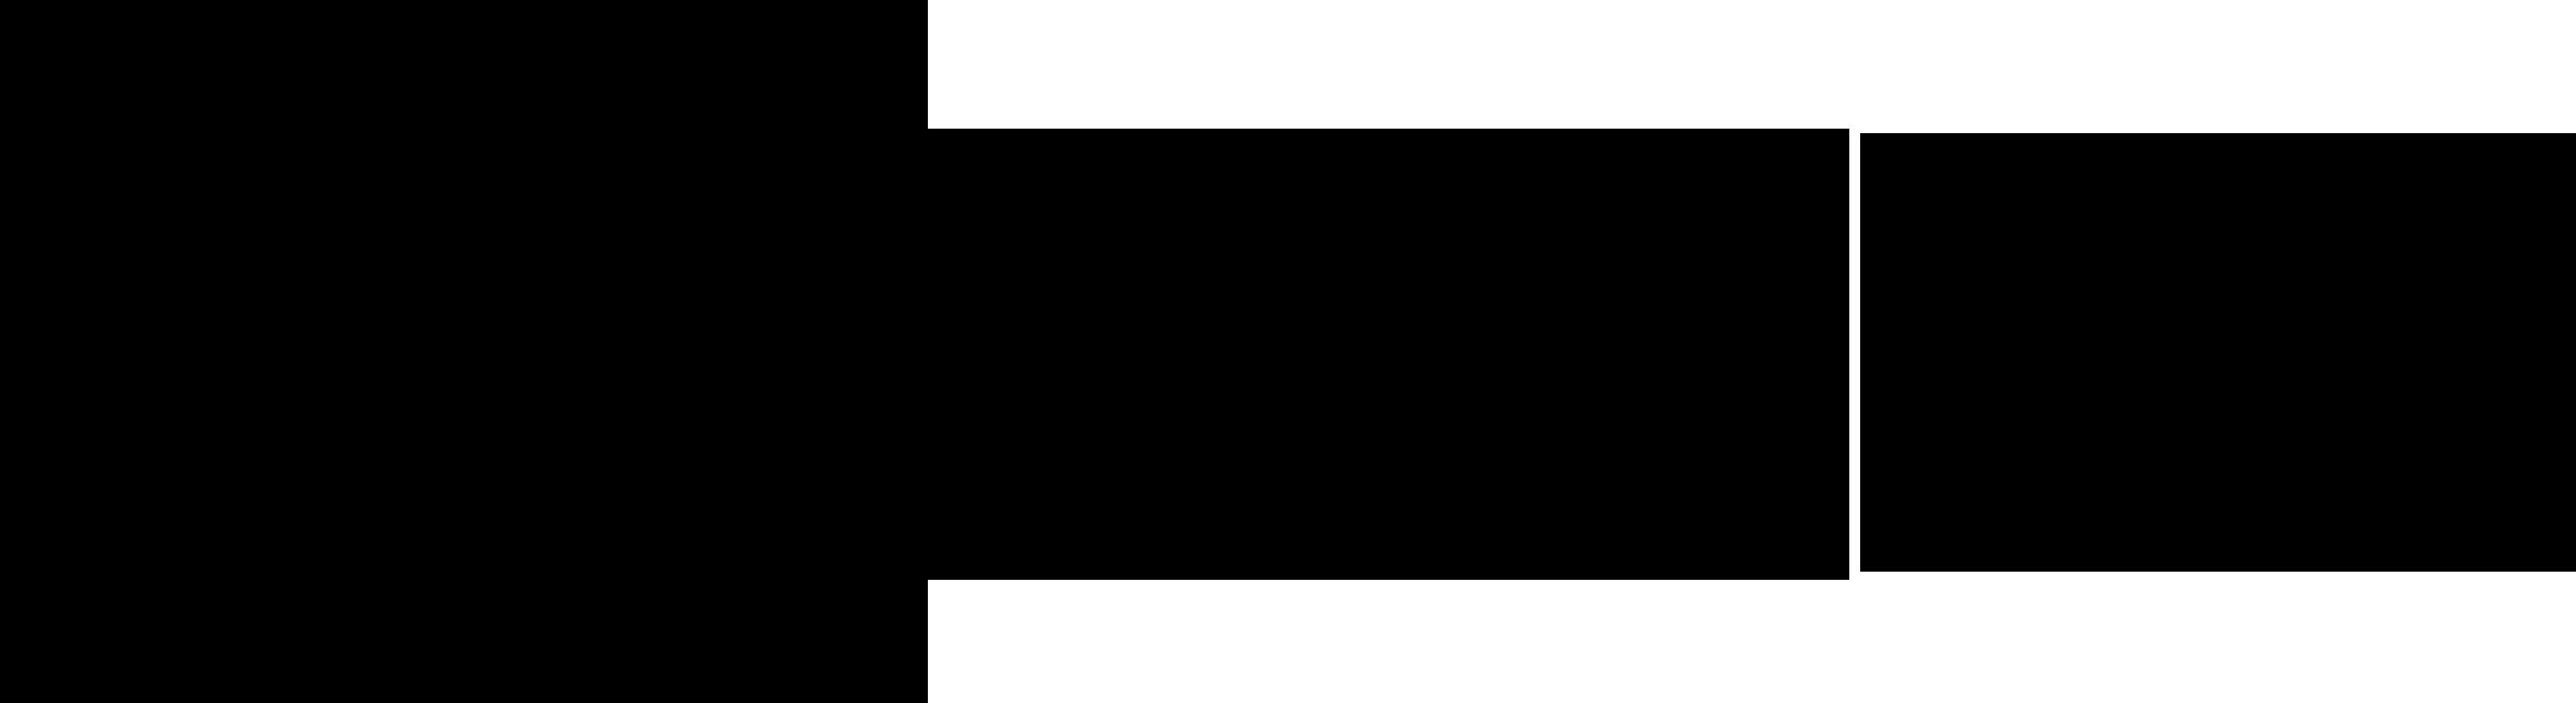 ASF-ID